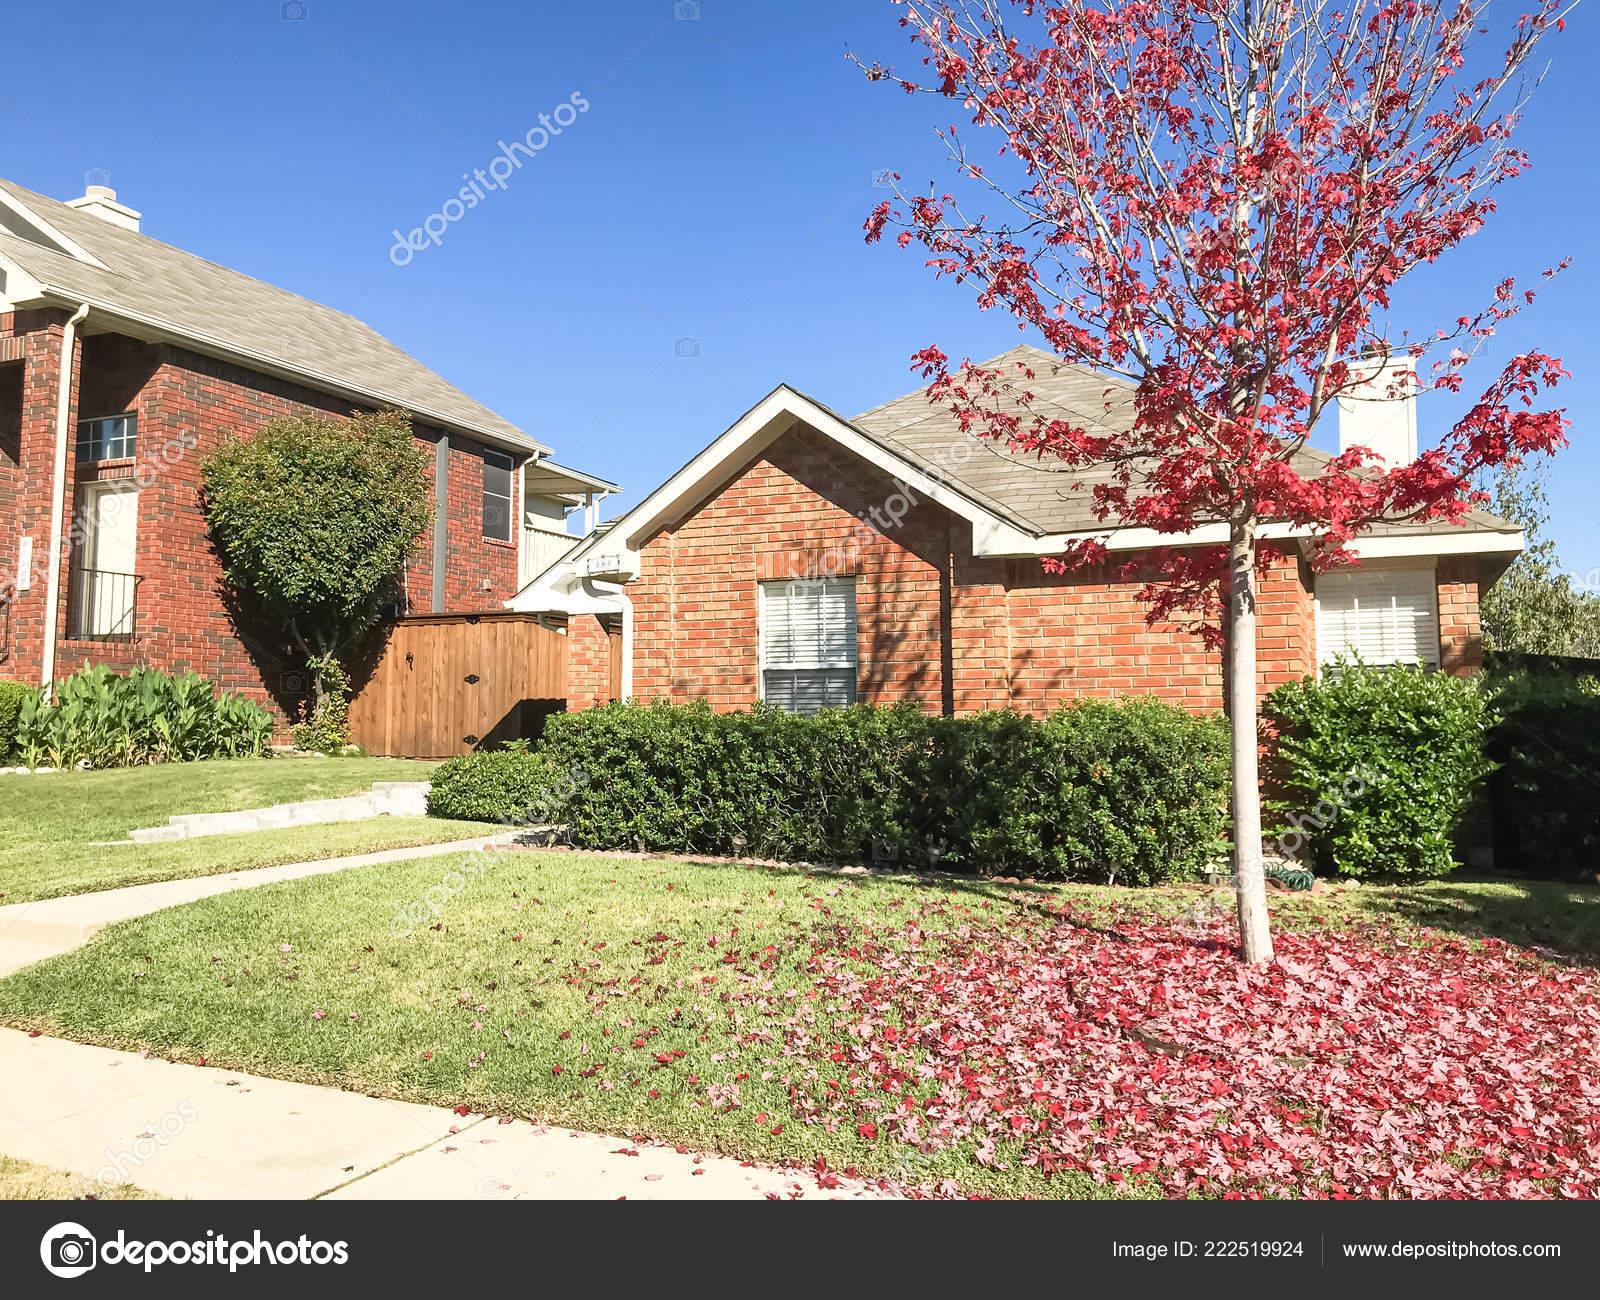 Albero Di Acero Di Colore Rosso Brillante Davanti Abitazione